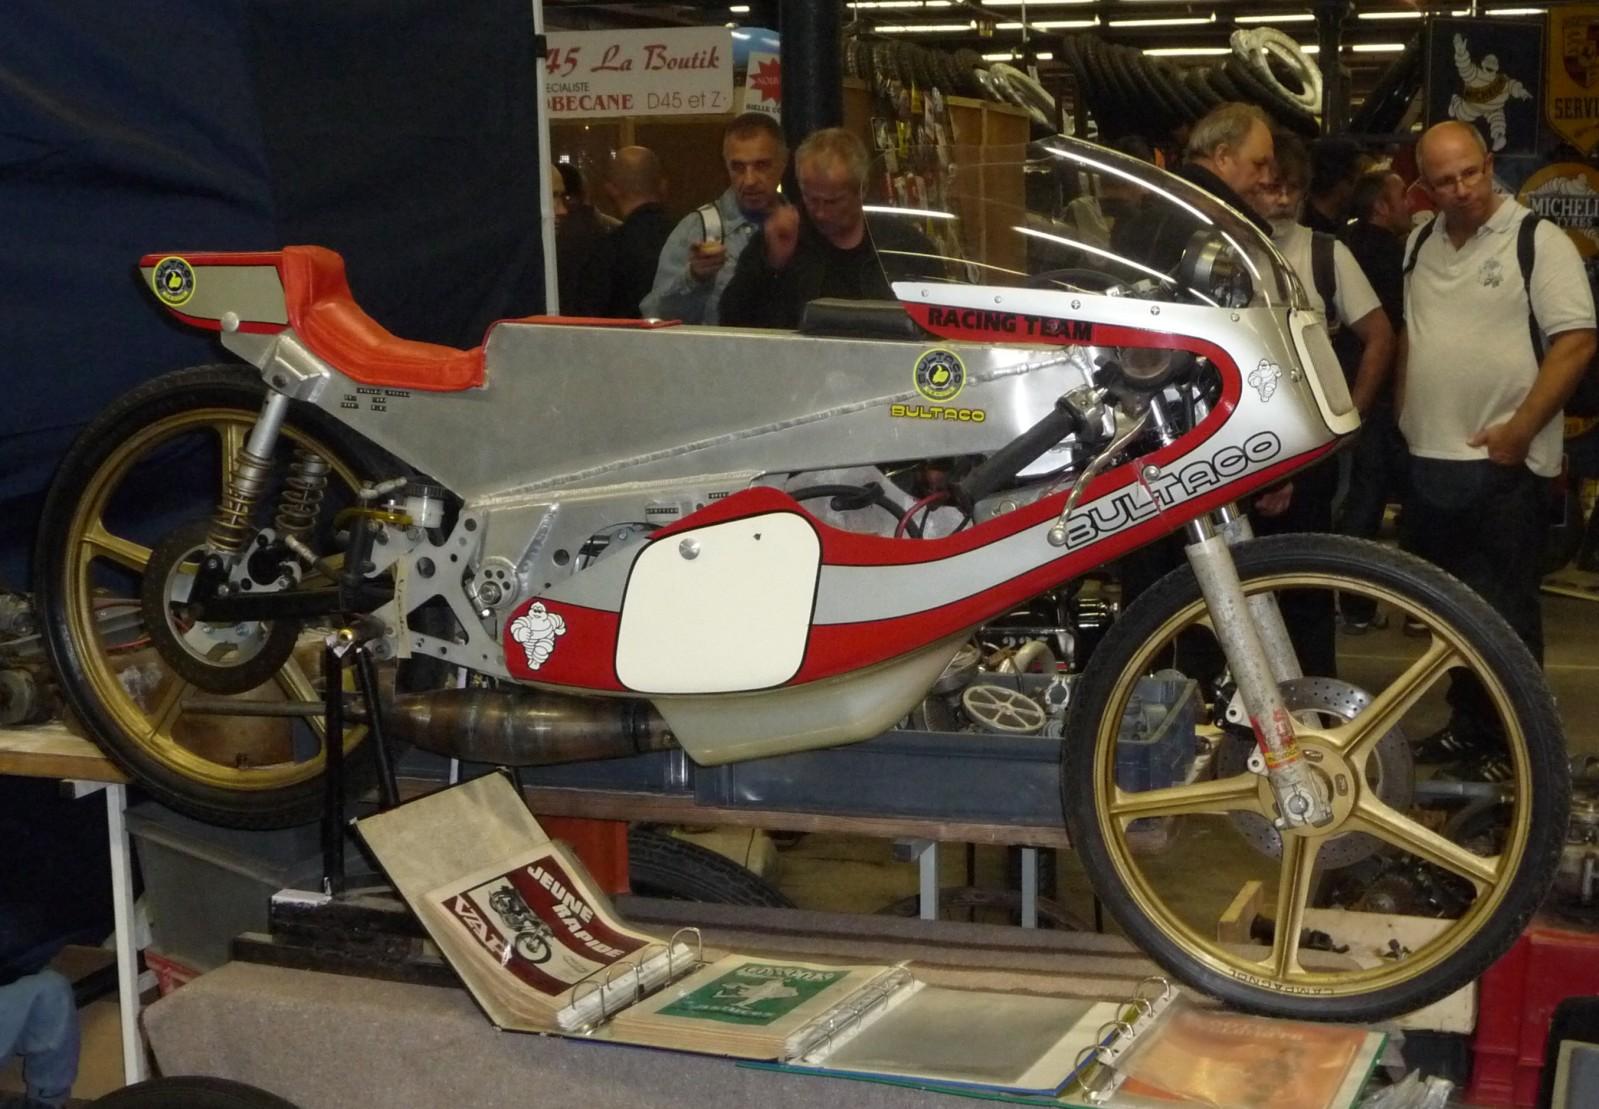 Todo sobre la Bultaco TSS MK-2 50 - Página 7 Nwiuc2